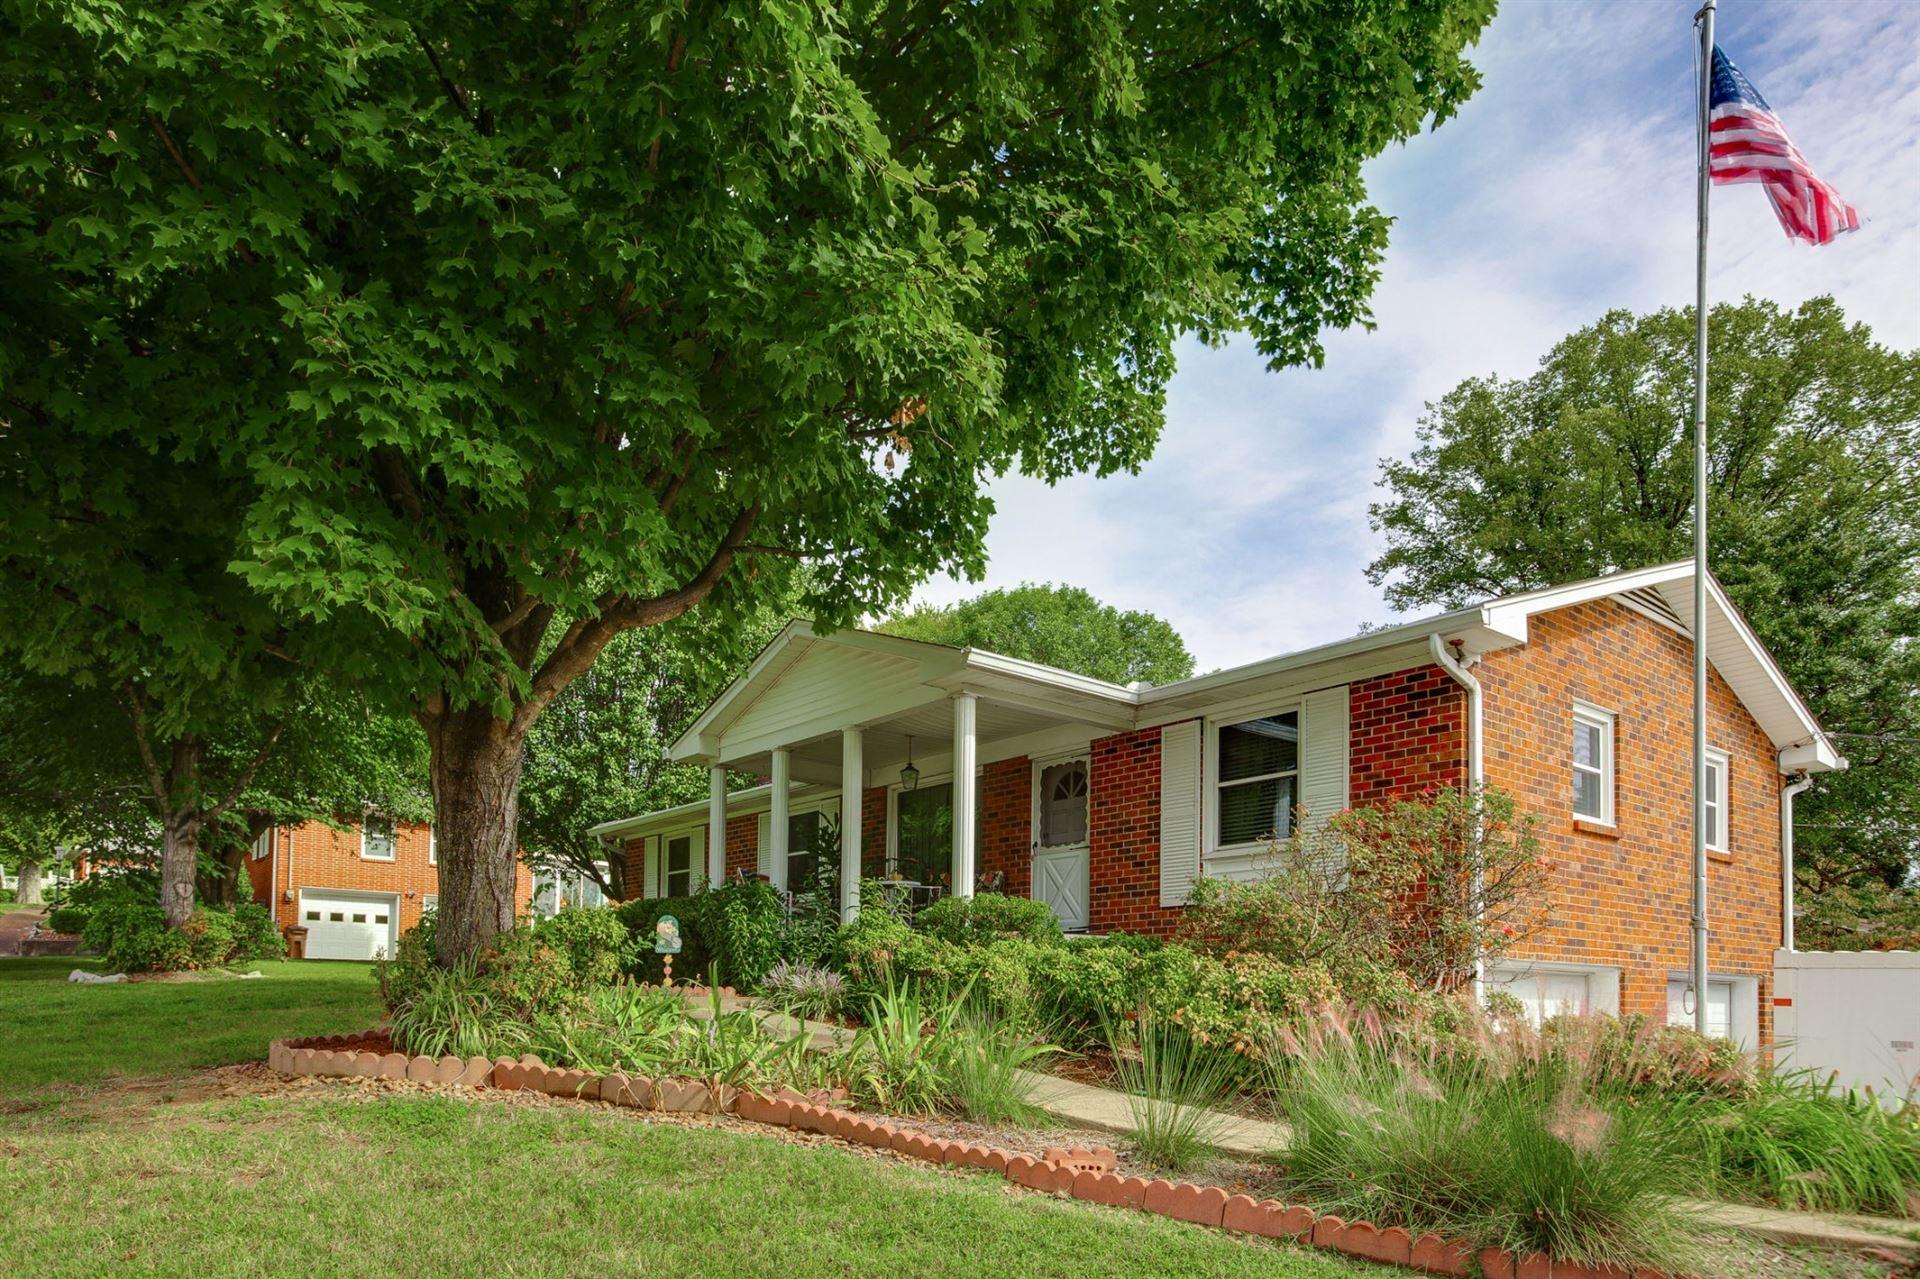 146 Lake Park Dr, Nashville, TN 37211 - MLS#: 2186415